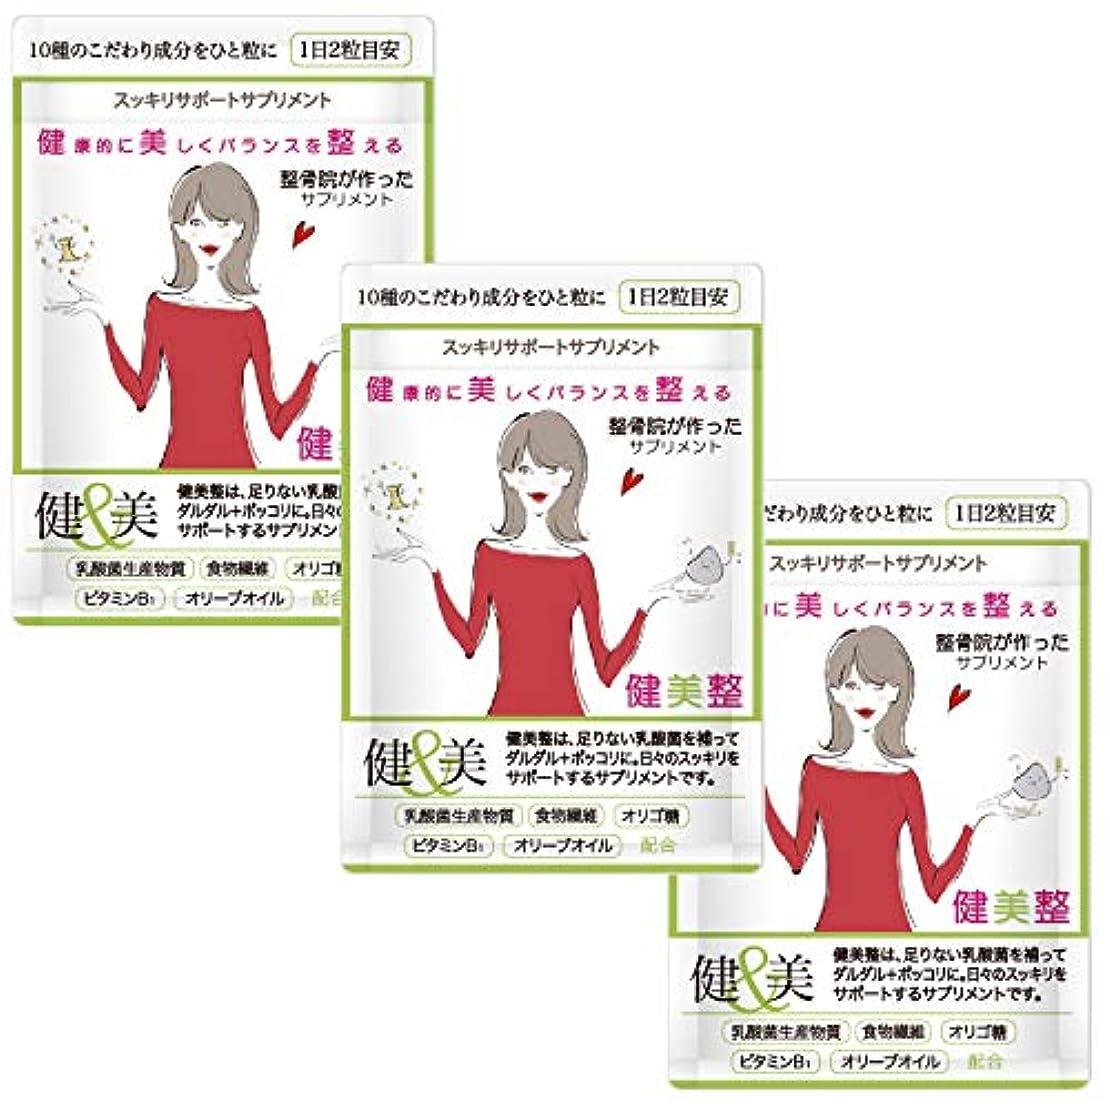 楽しいスラックコンソールダイエット サプリメント 人気 酵素 健美整プラス 腸内環境 炭 60粒1か月分 (3)